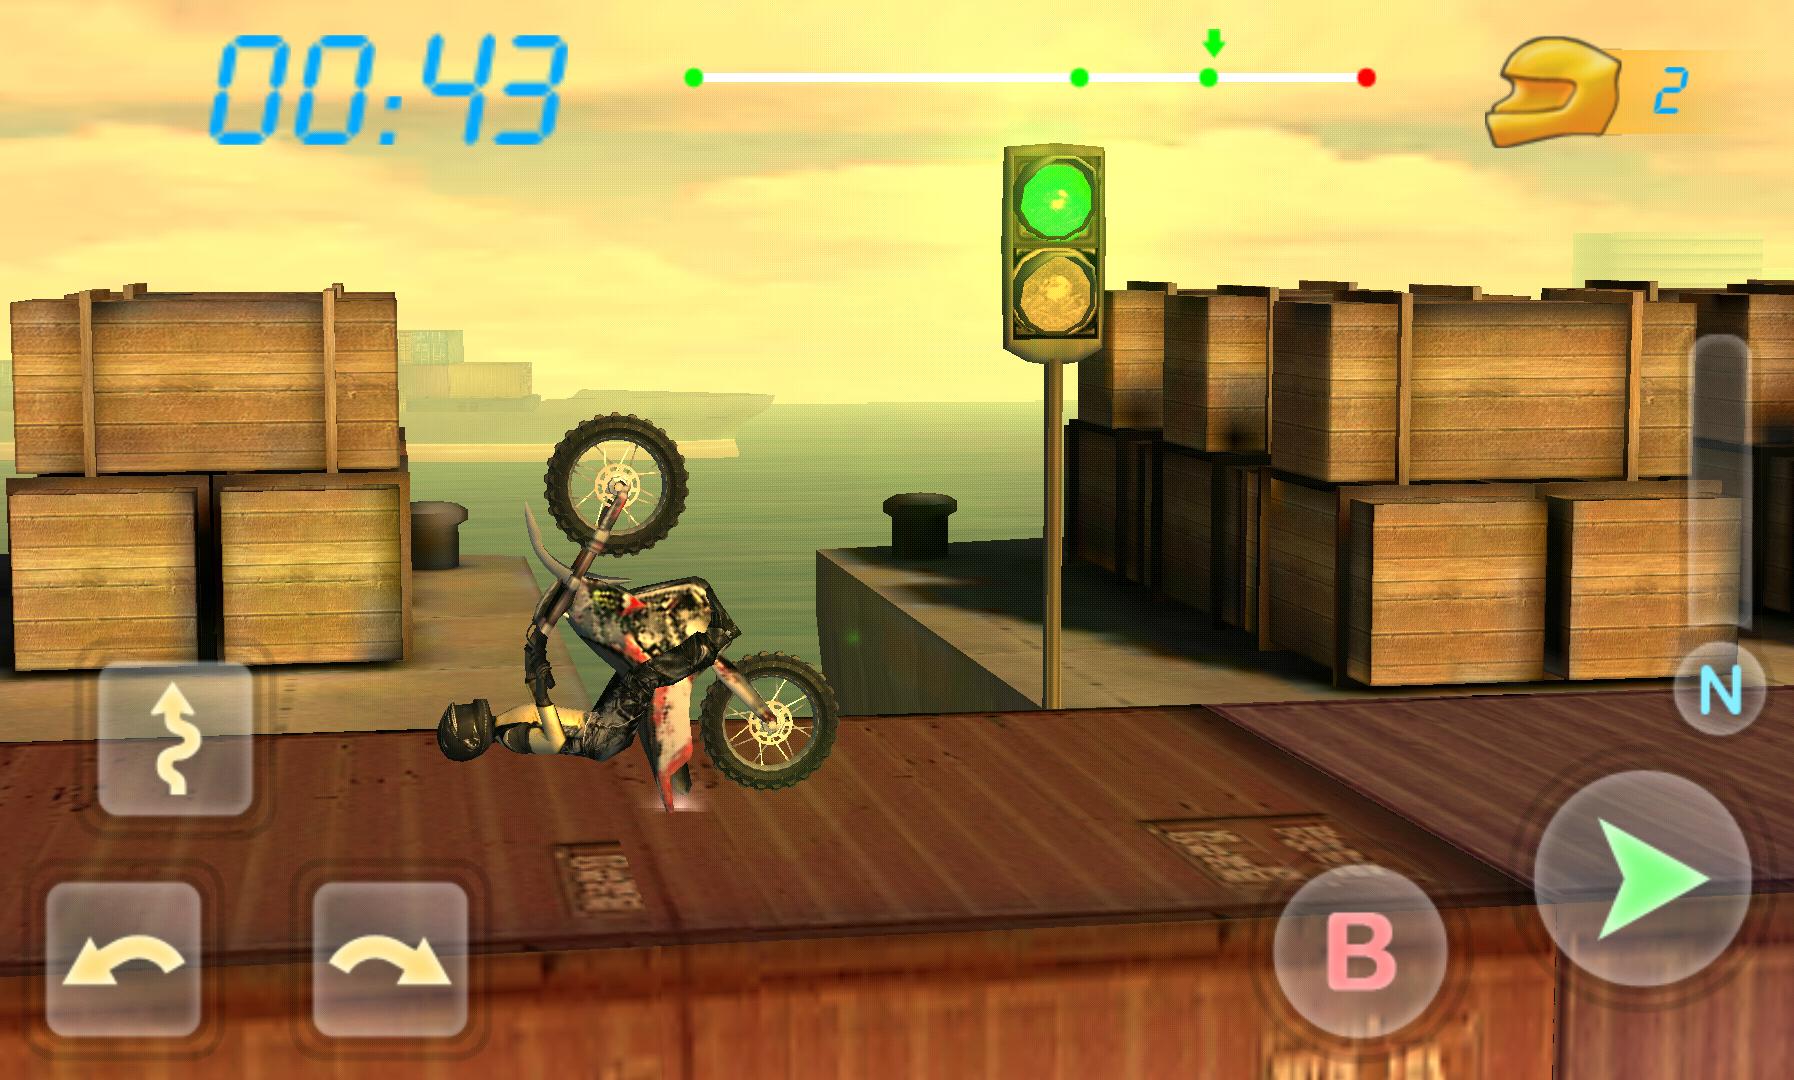 バイクレーシング3D - Bike Racing androidアプリスクリーンショット1